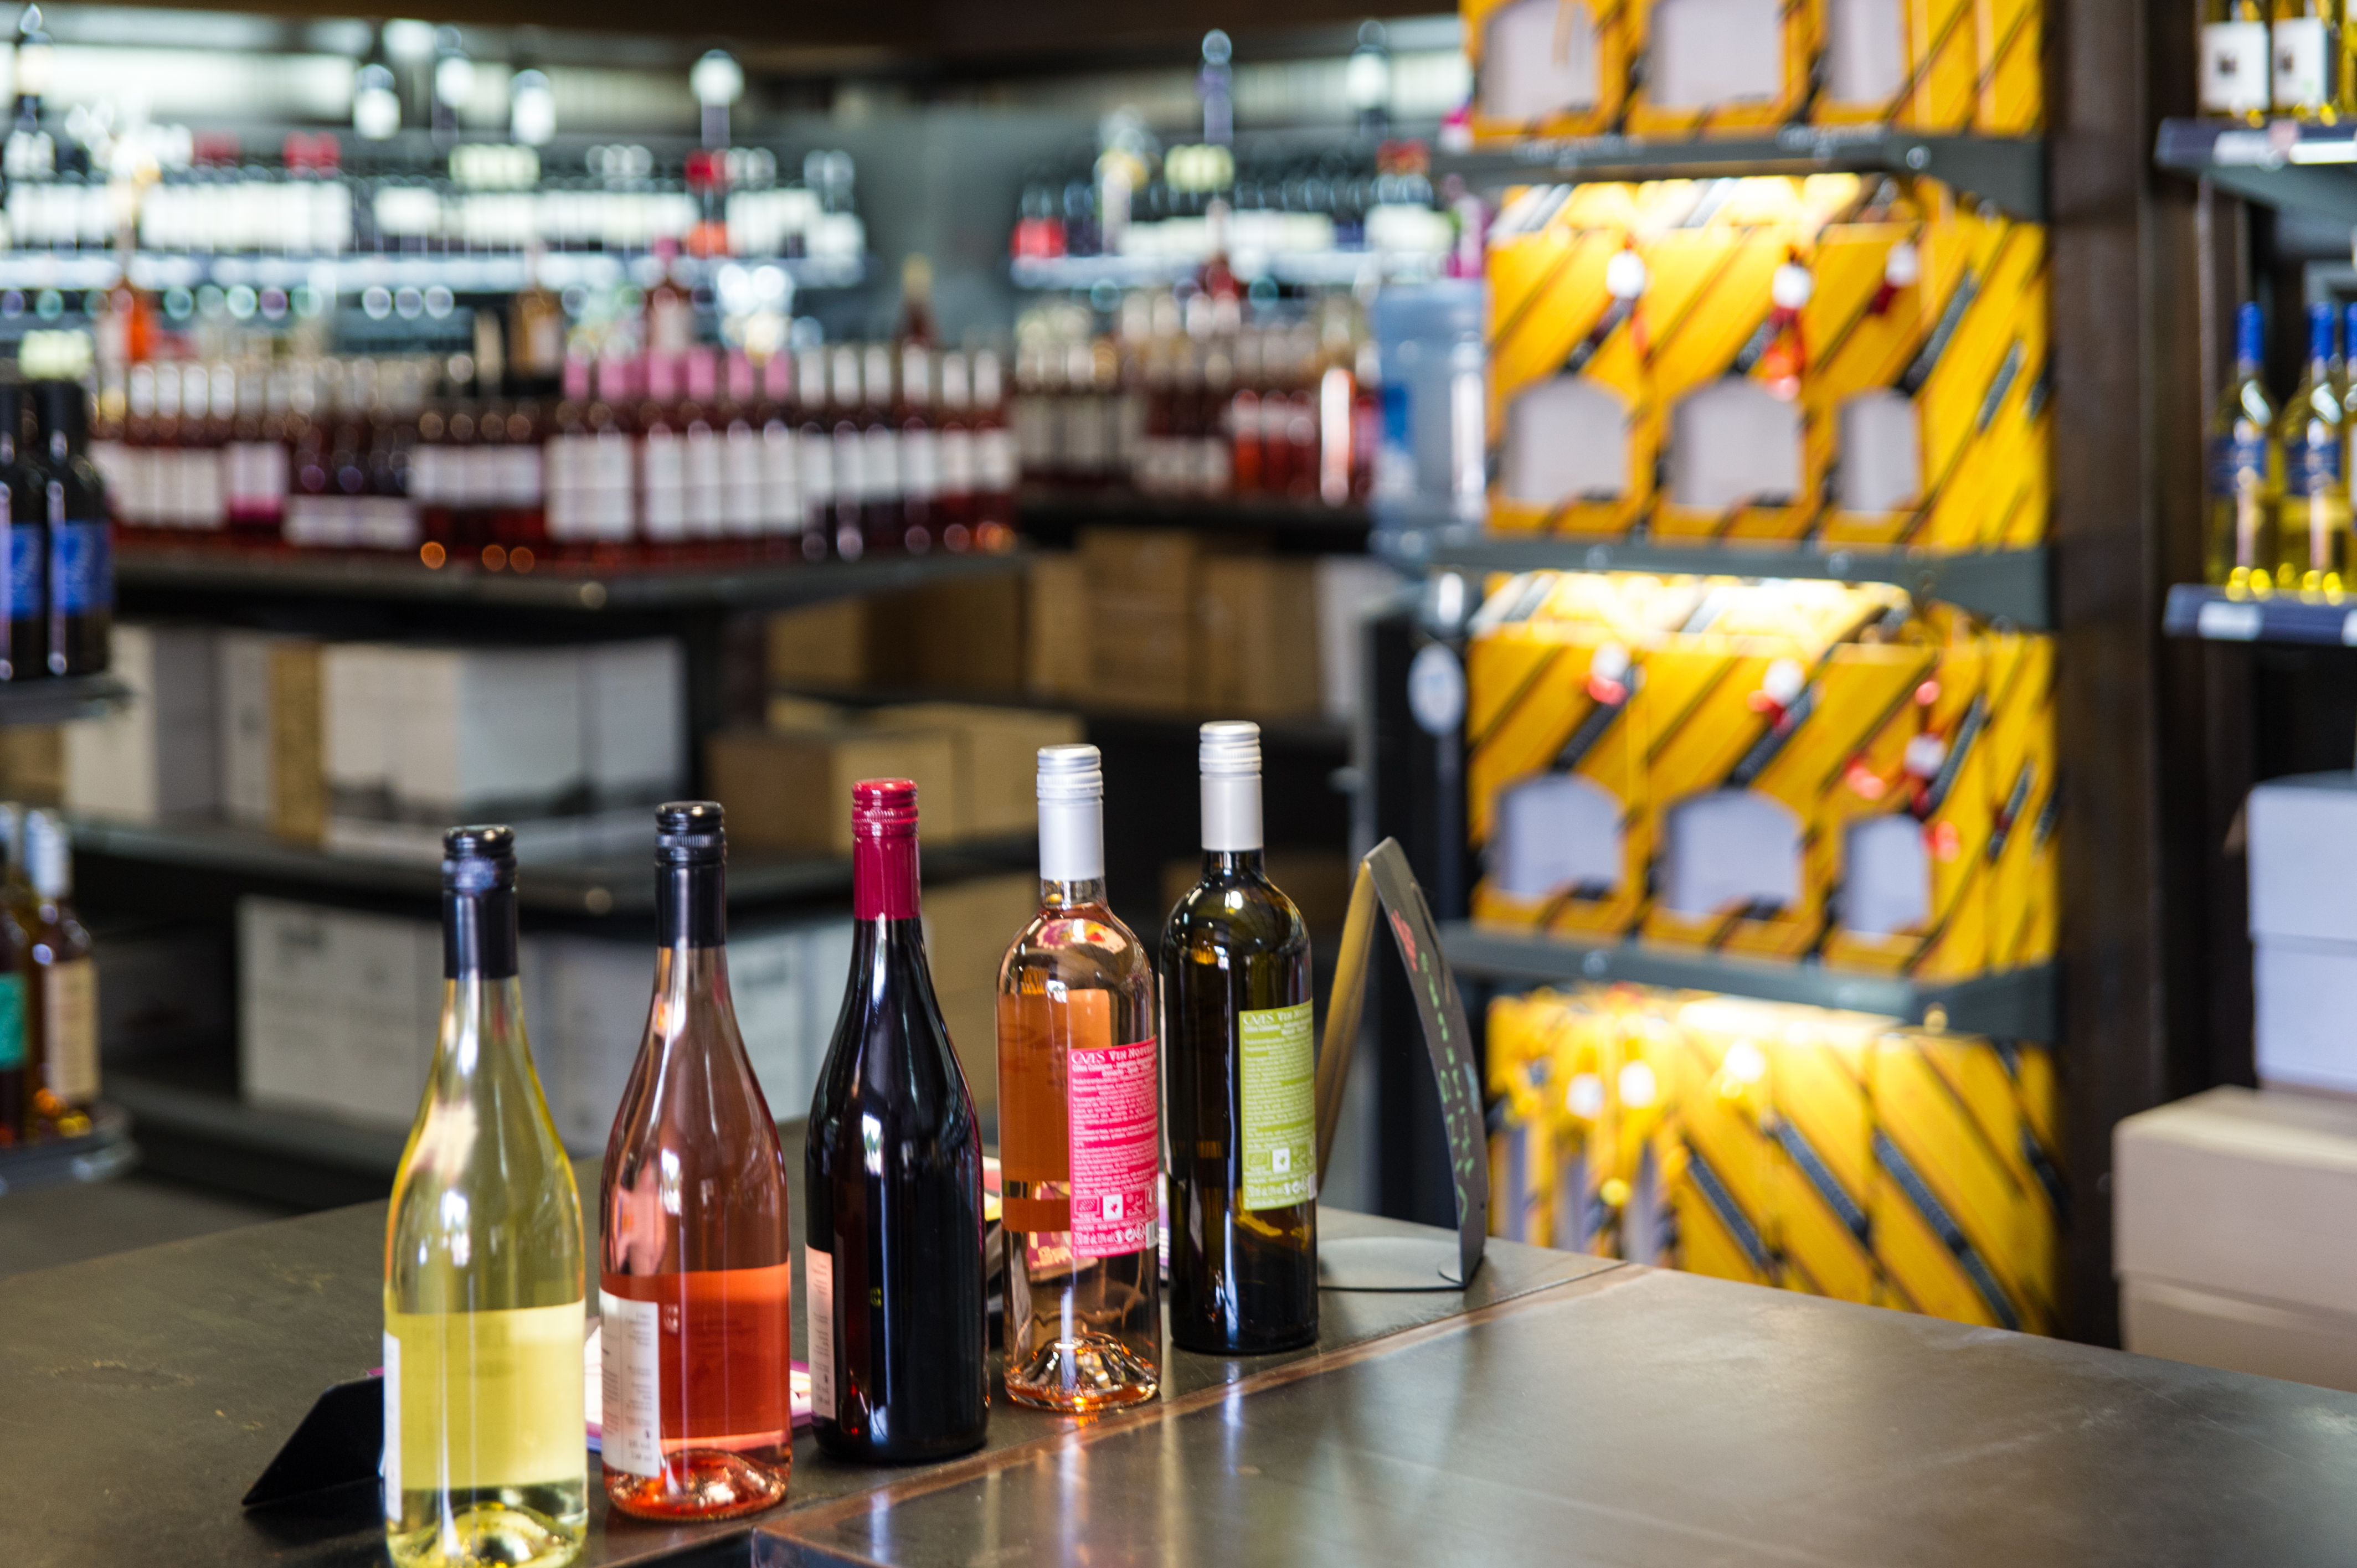 Boutique Vincoeur Catalan